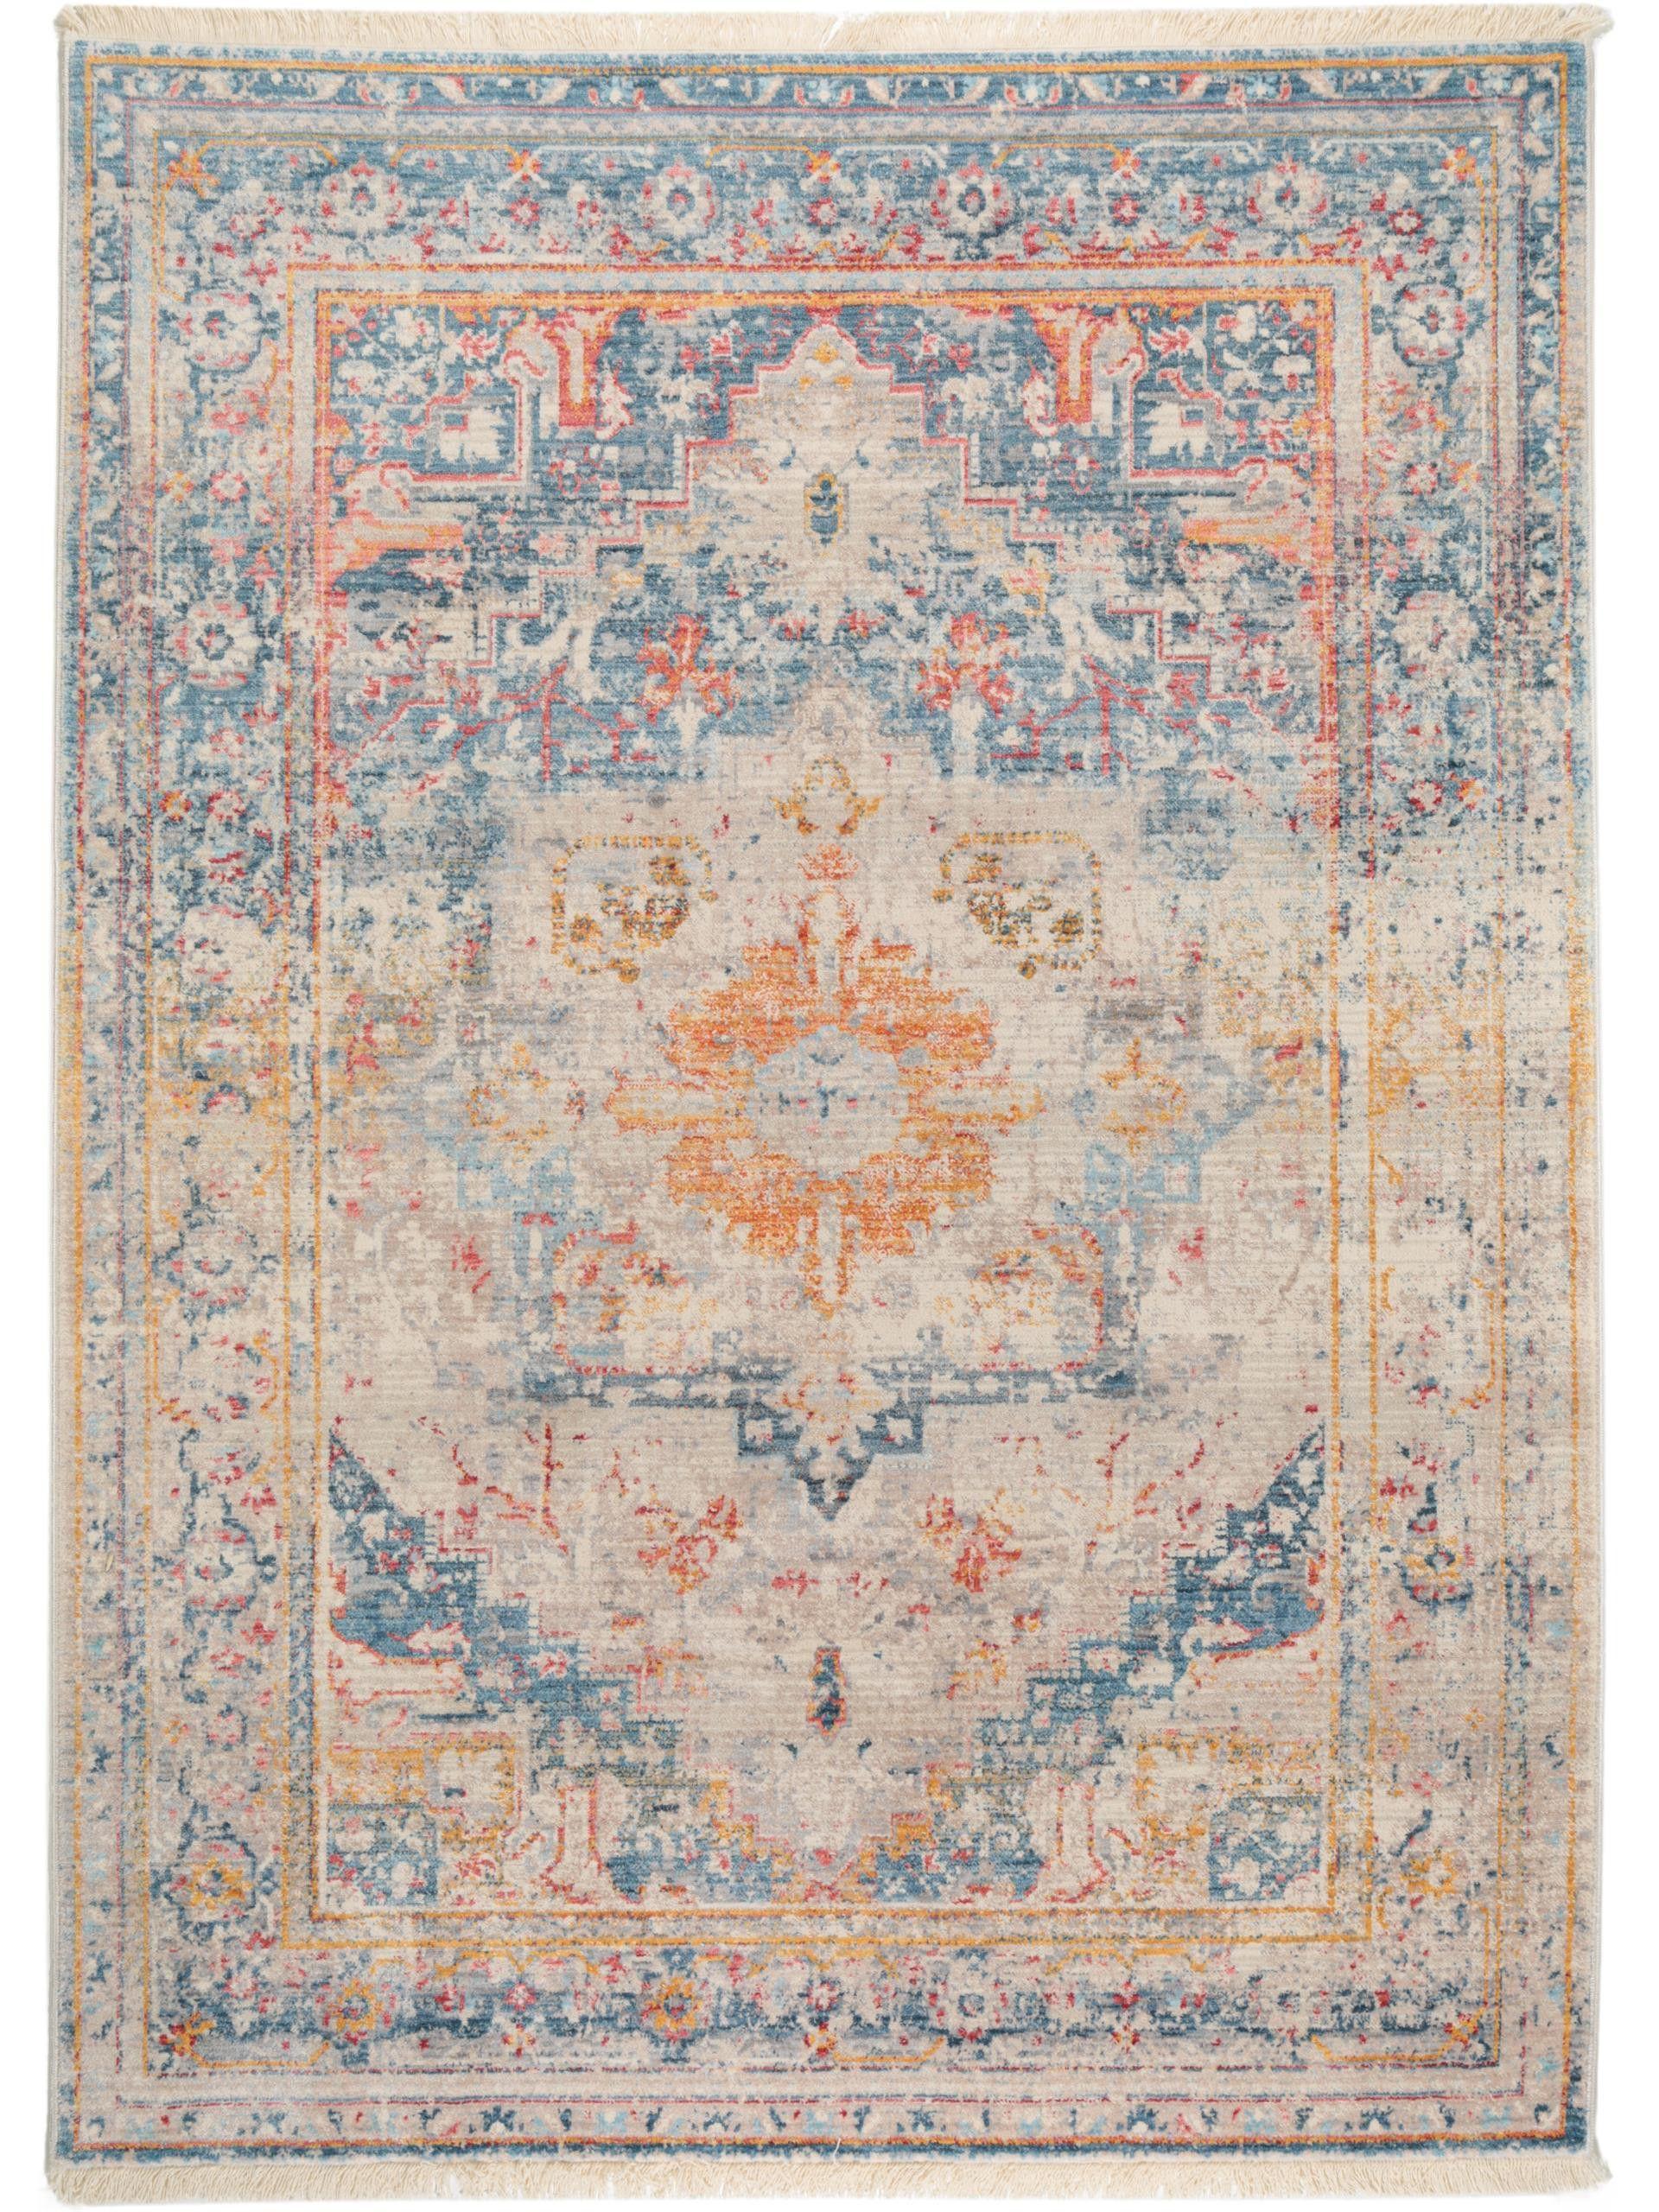 Der wunderschöne Vintage Teppich Safira Blau lässt sich perfekt ...